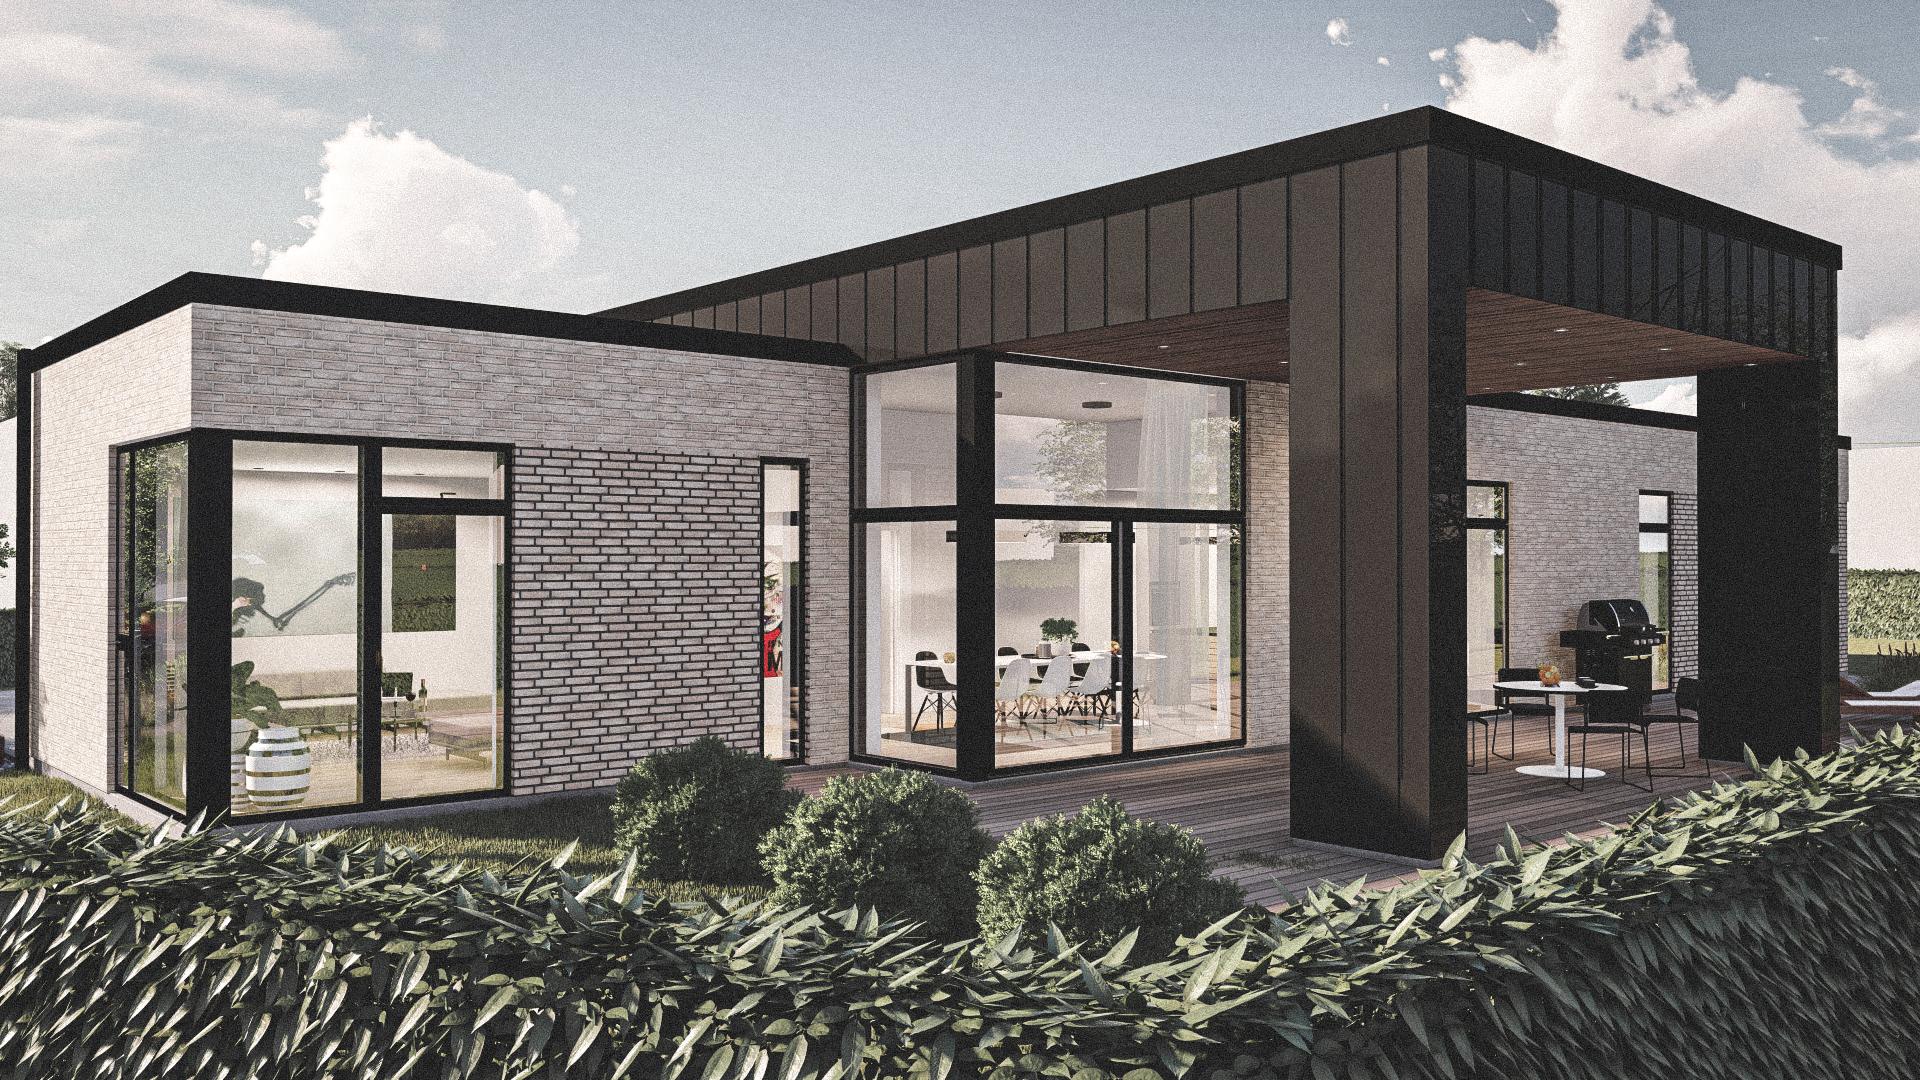 Billede af Dansk arkitekttegnet 1 plan villa af arkitektfirmaet m2plus, i Viborg på 224 kvartratmeter.